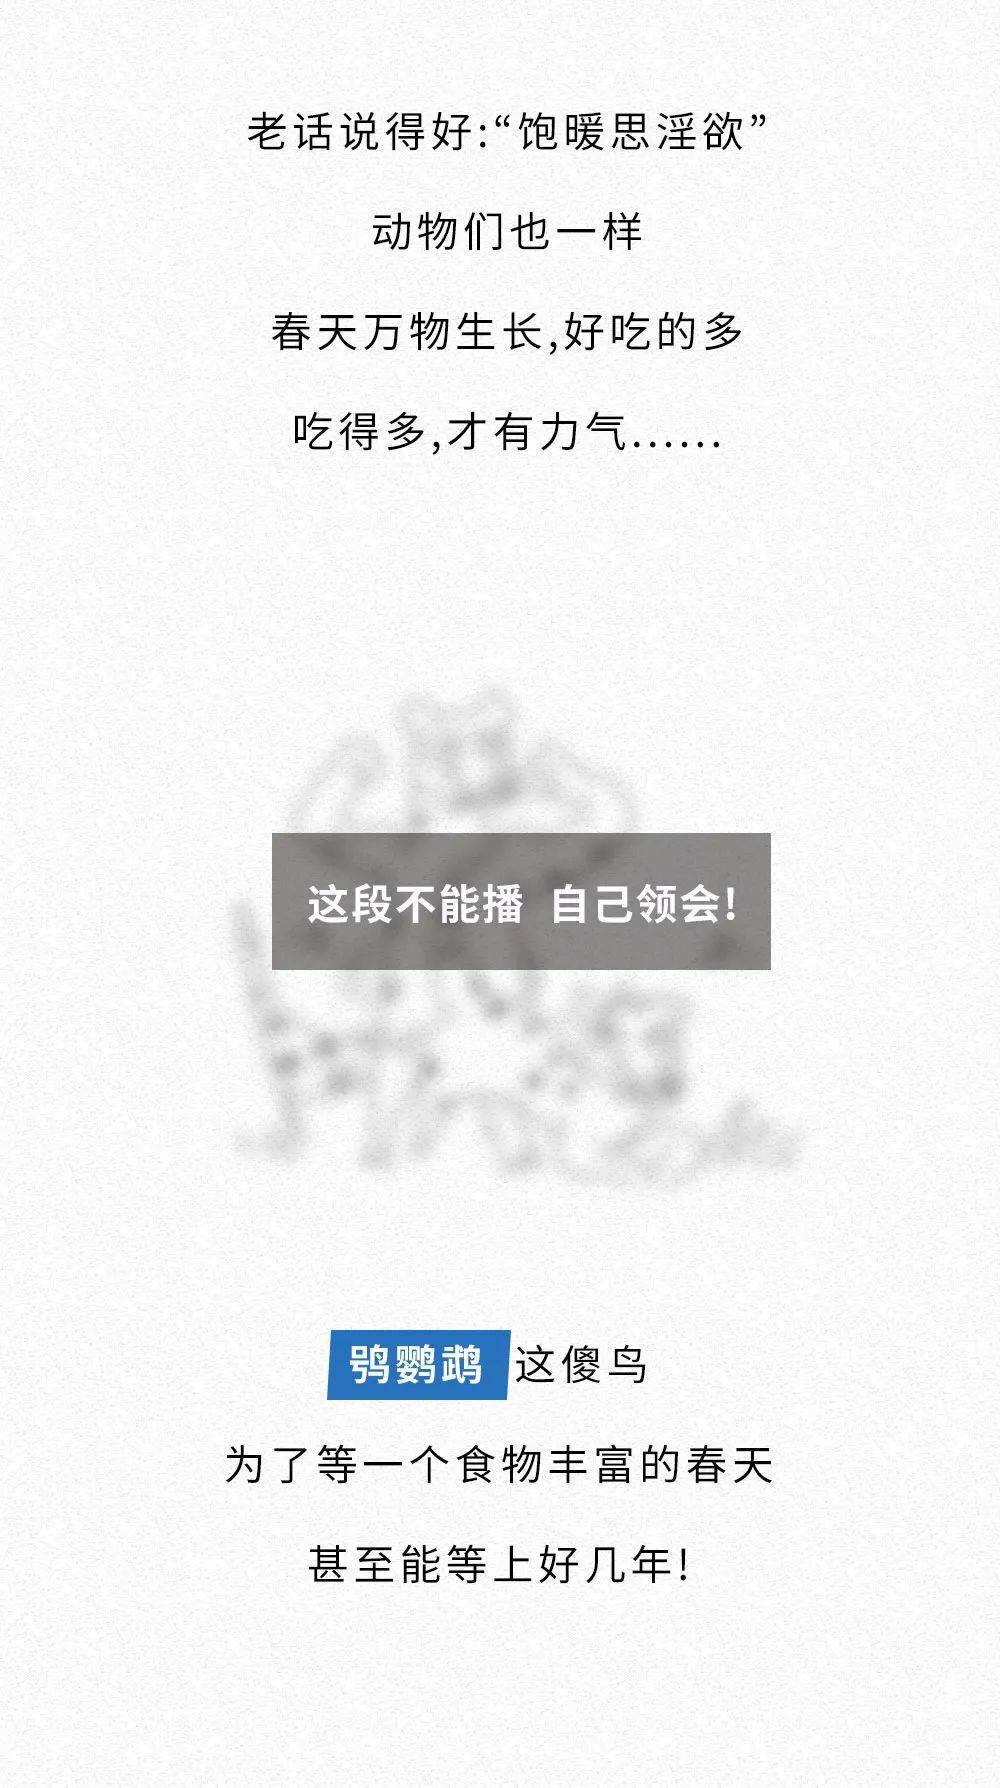 星辉开户-首页【1.1.1】